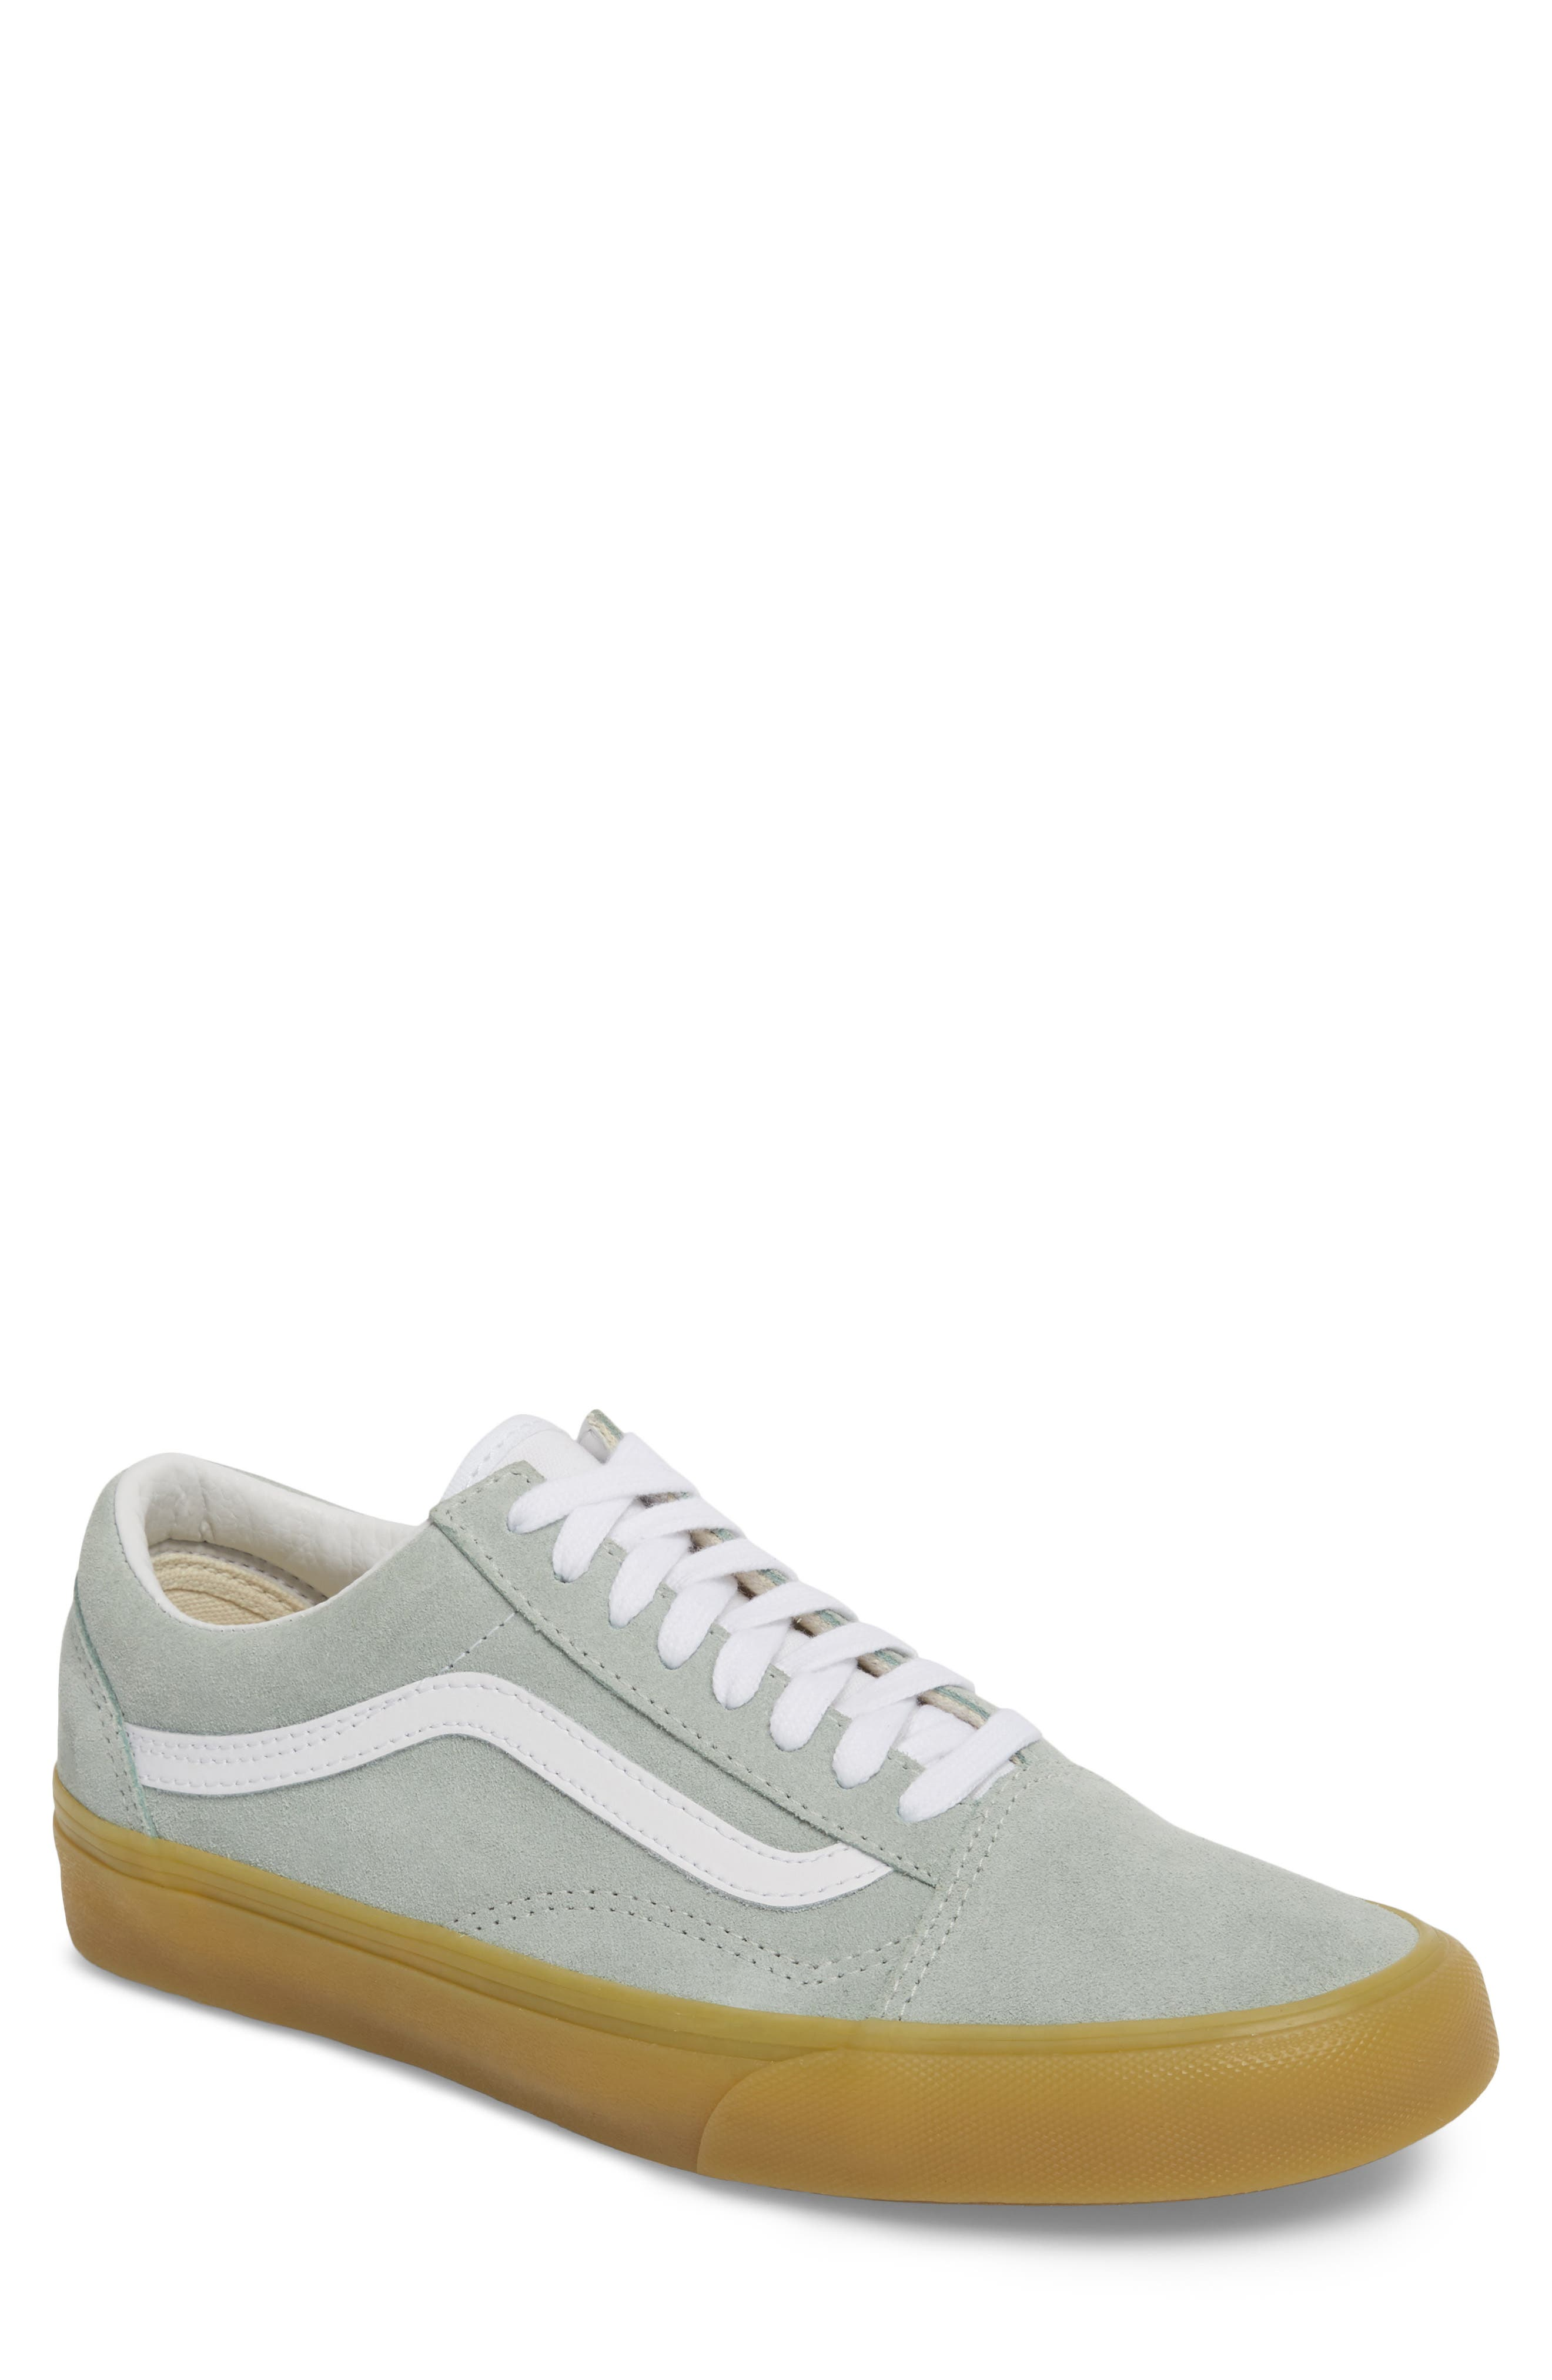 Vans Gum Old Skool Sneaker (Men)